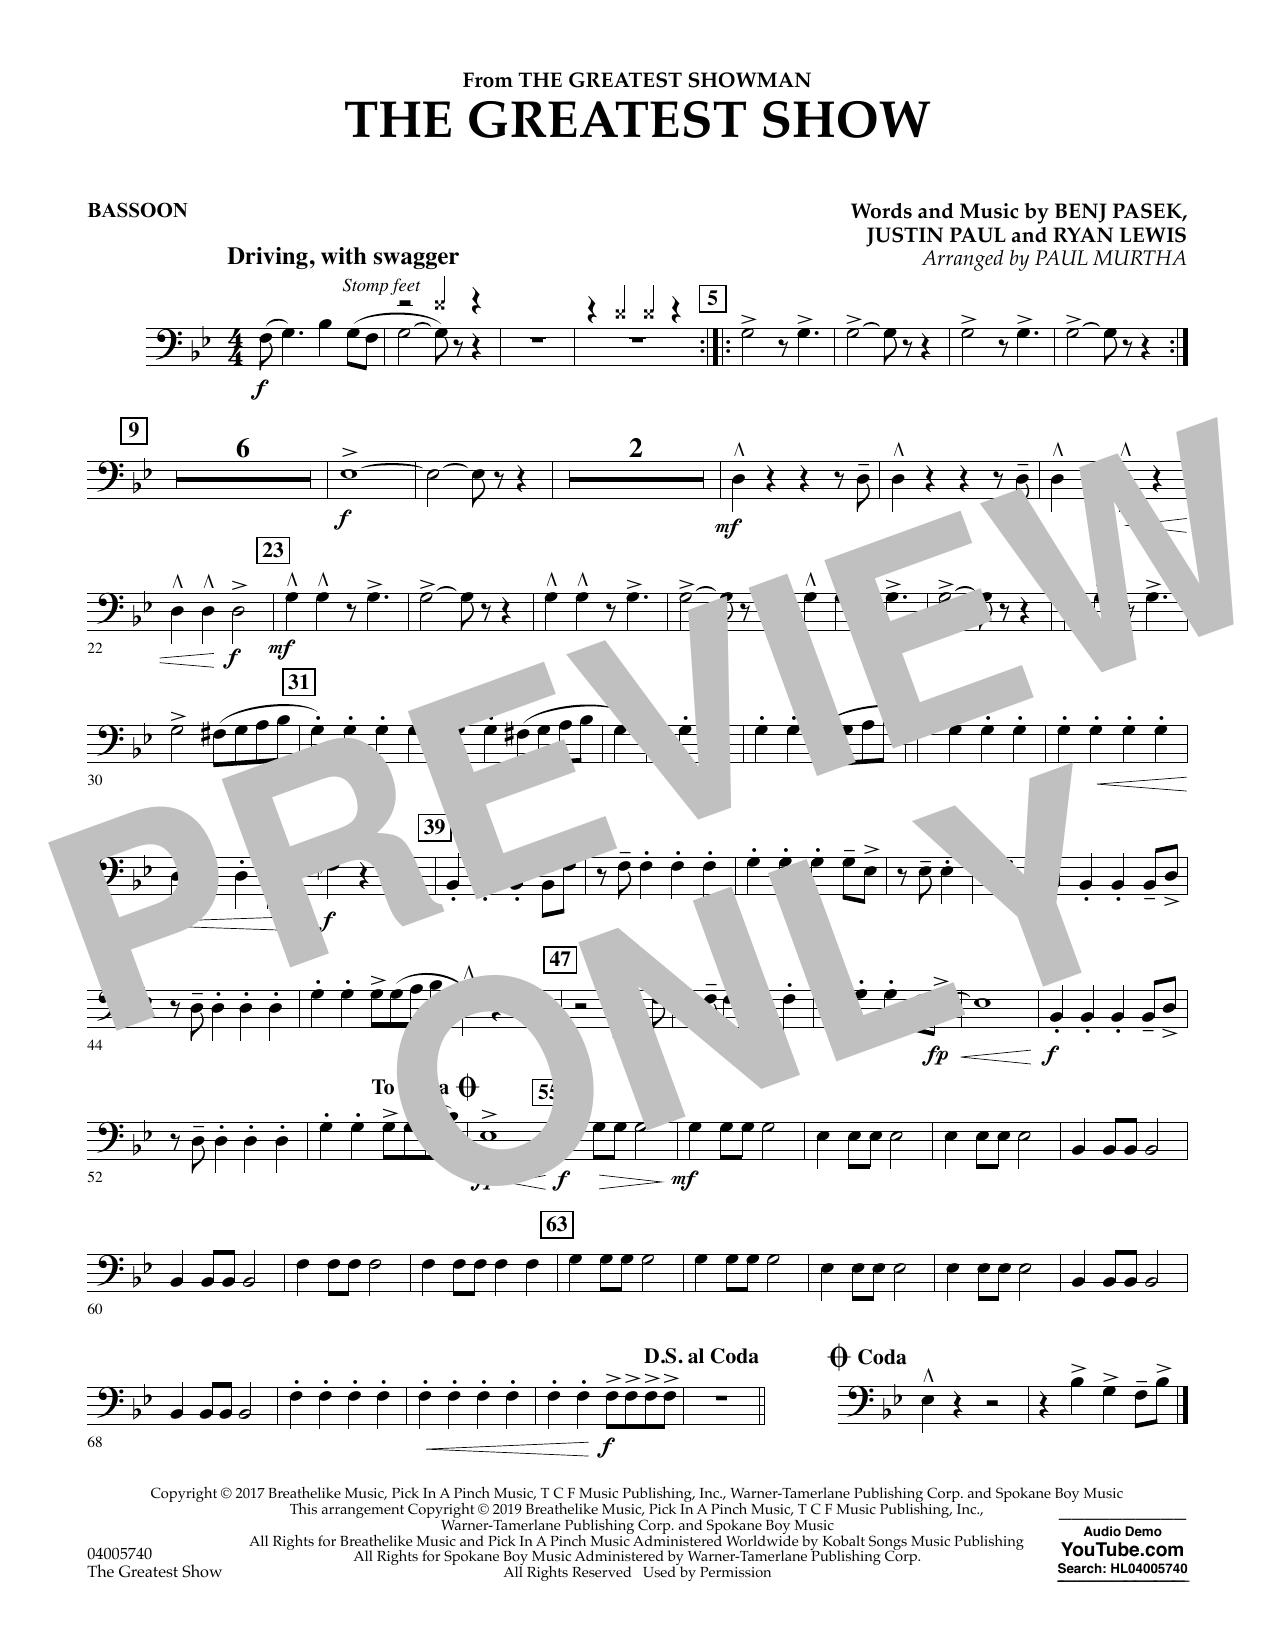 The Greatest Show  (arr. Paul Murtha) - Bassoon (Concert Band)